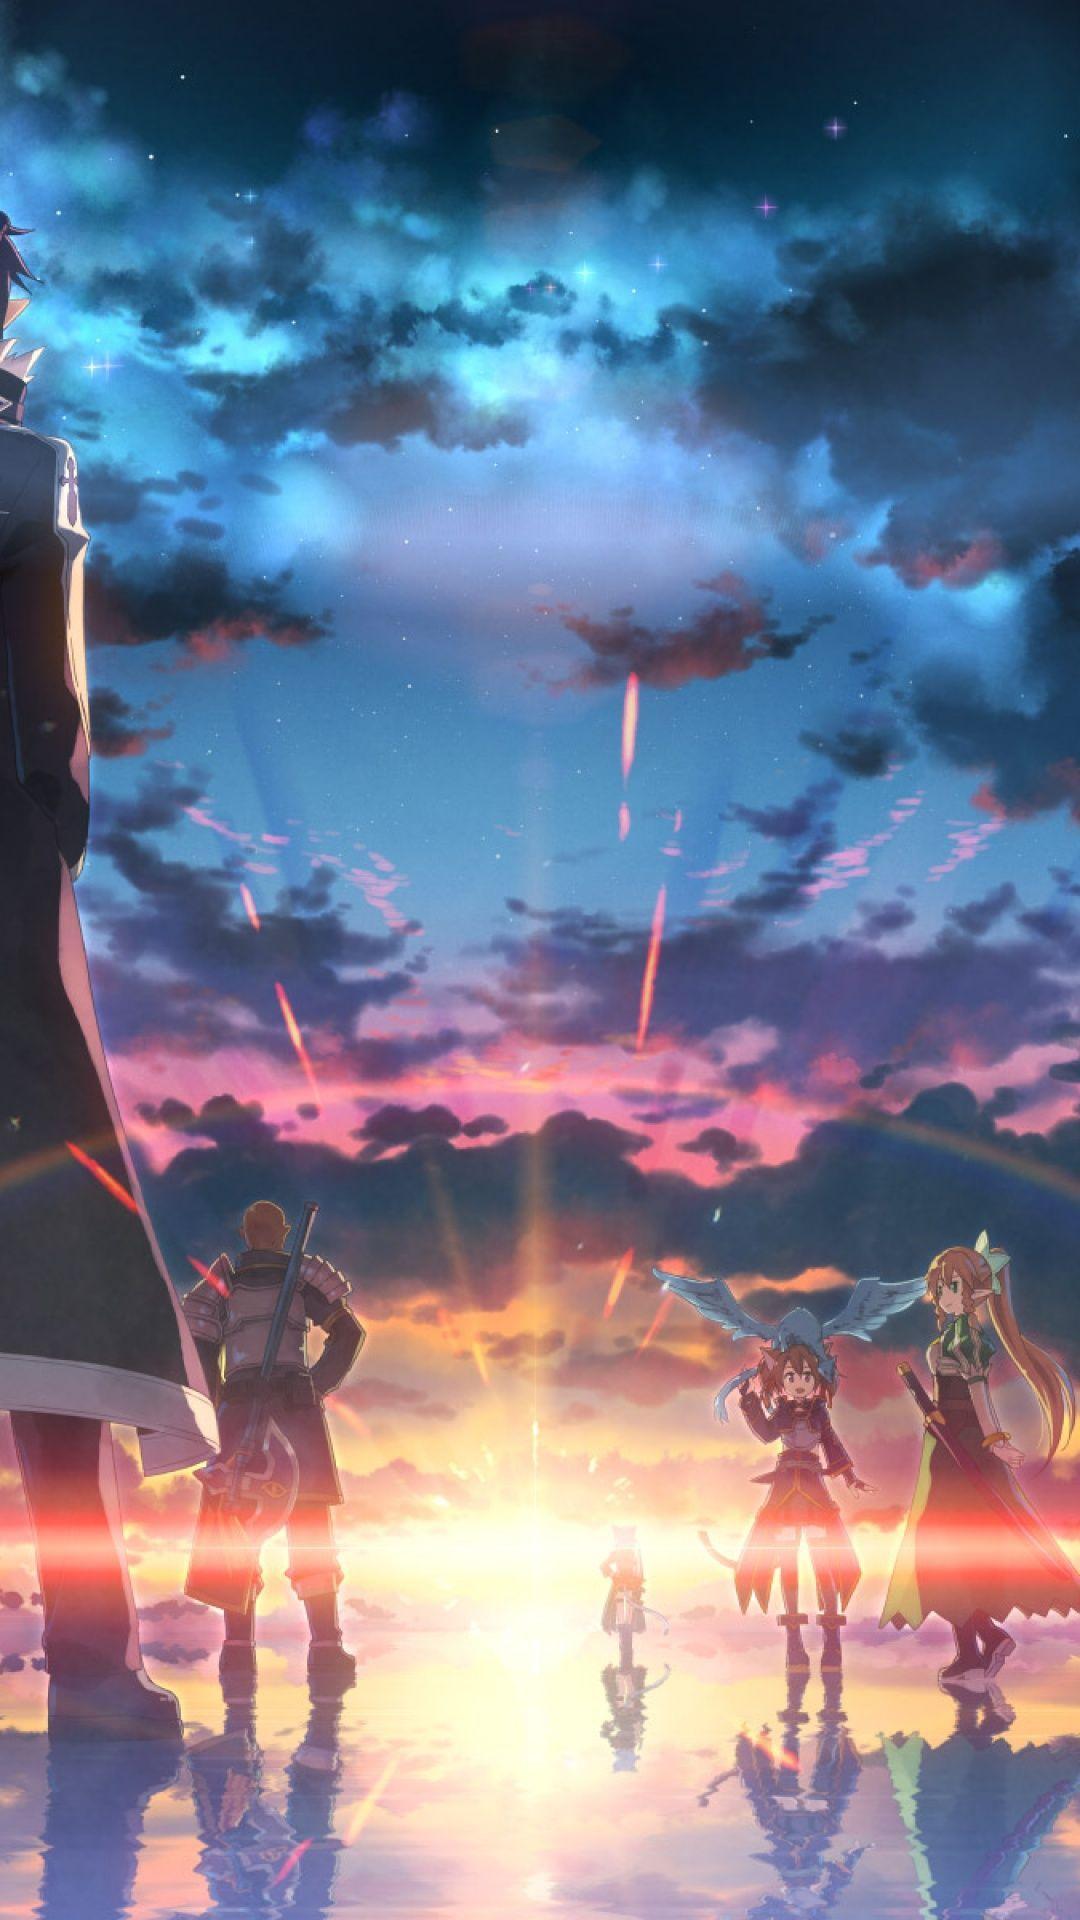 Wallpaper Japan Anime 4k